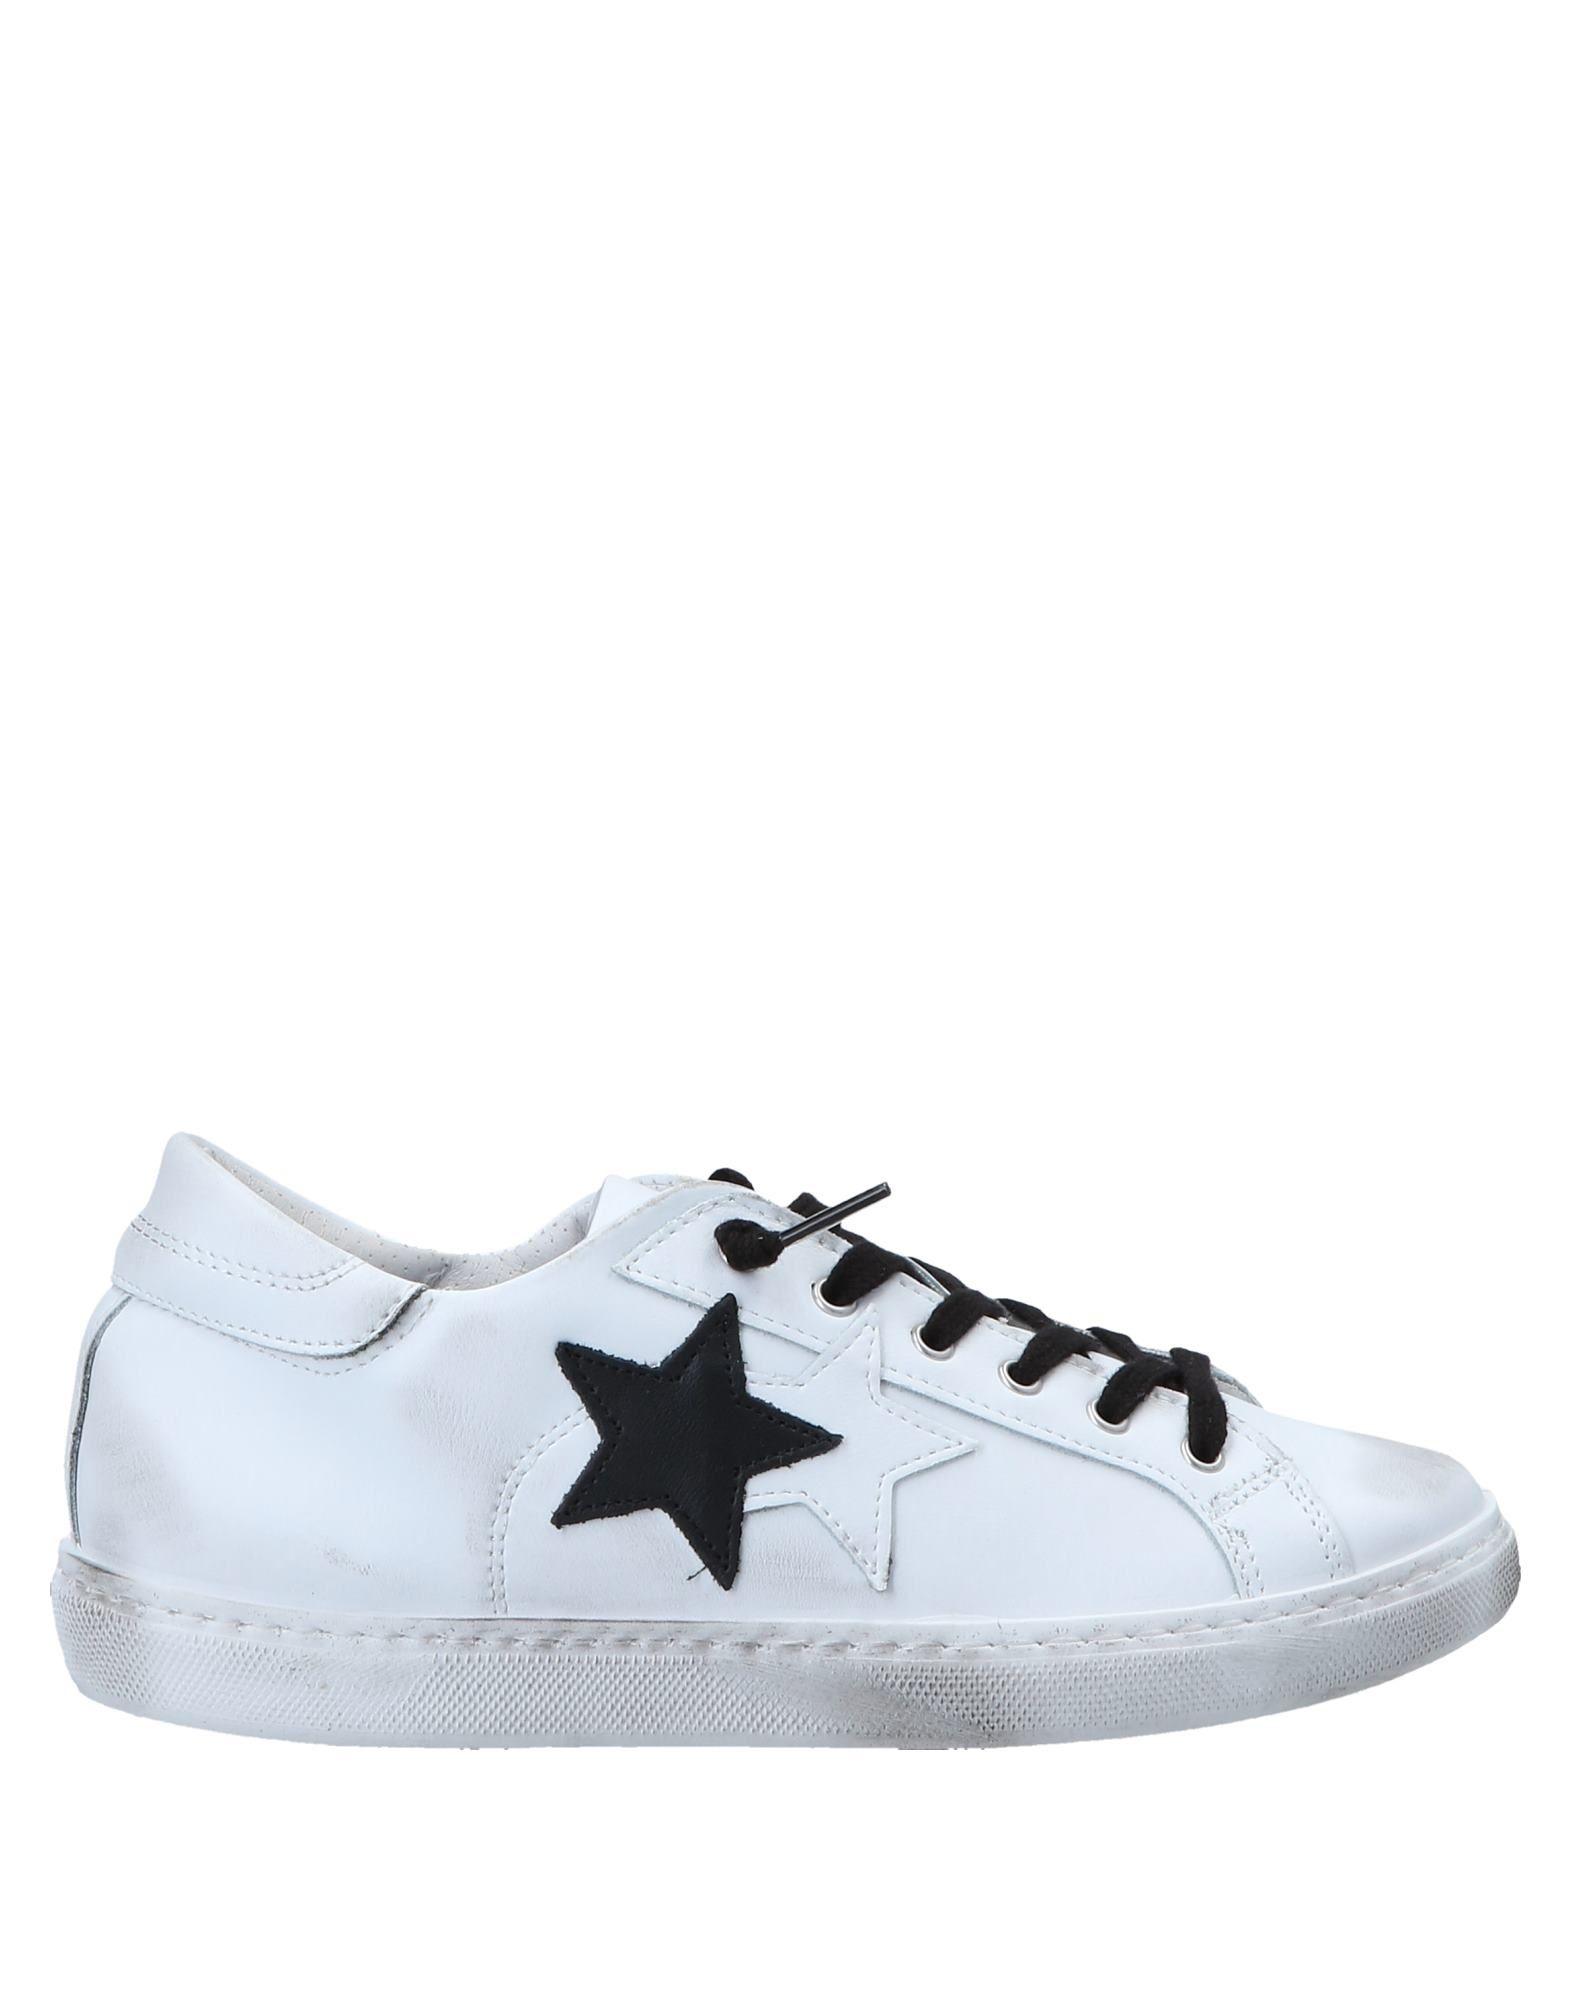 2Star Sneakers Damen  11548849ED Gute Qualität beliebte Schuhe